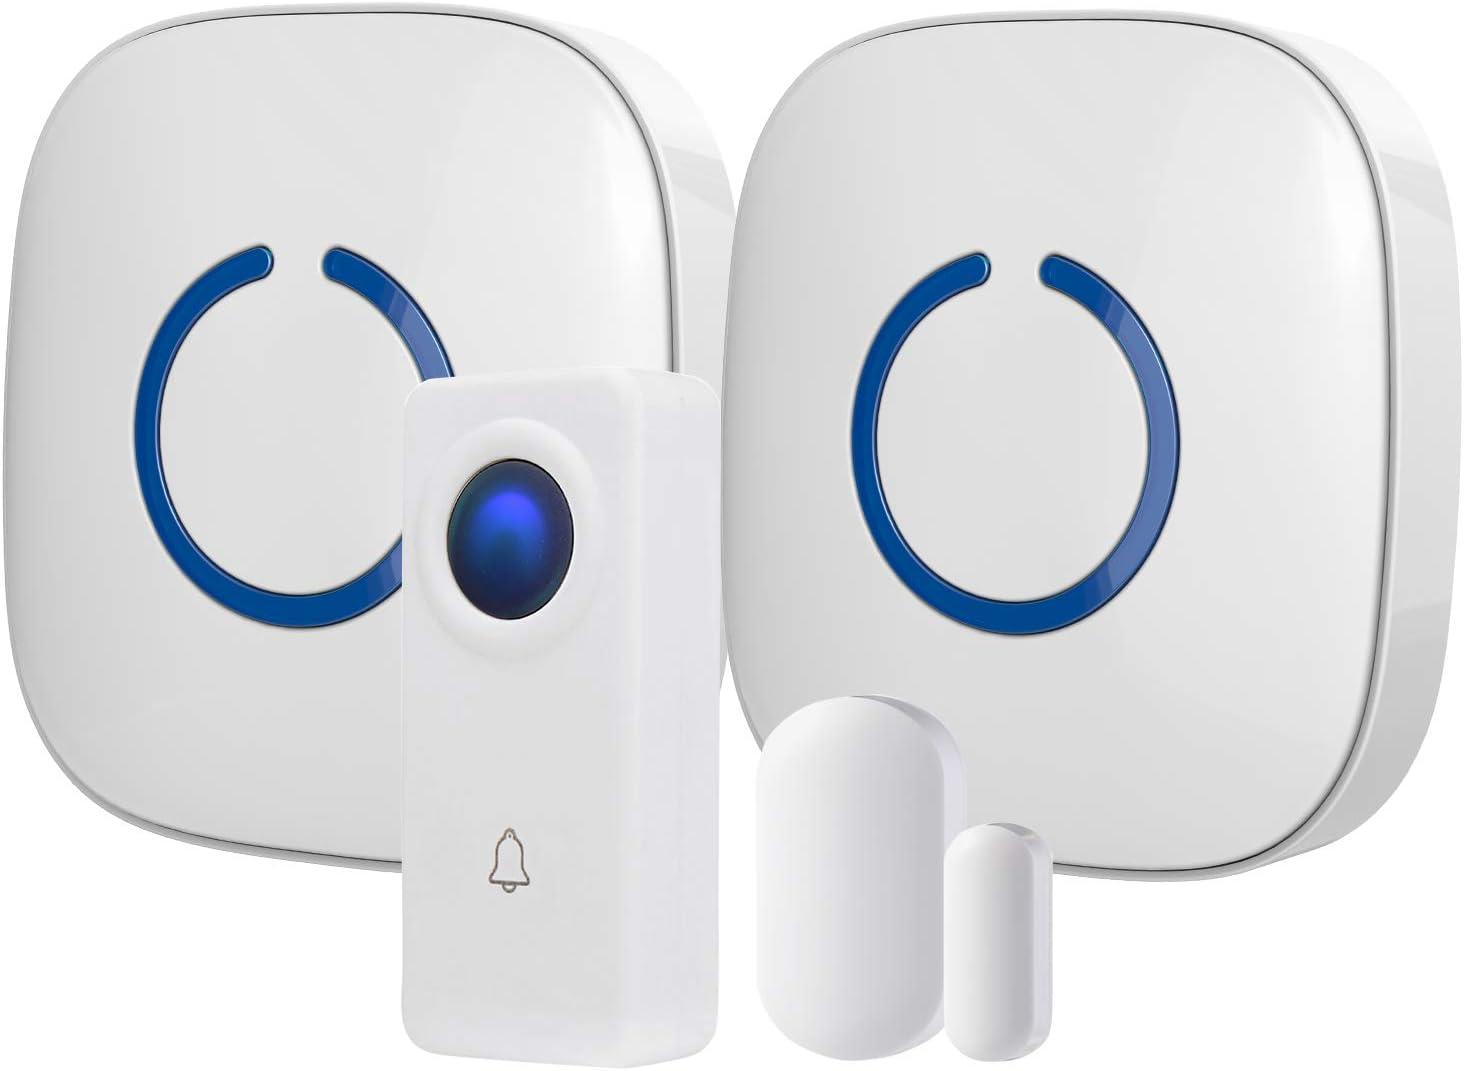 Wireless Doorbell with Hands Free Door Chime, Waterproof Door Bells & Chimes Wireless Kit, 1000-ft Range, 52 Door Bell Chimes, Wireless Doorbells with Door Sensor, SQ1-WH, White